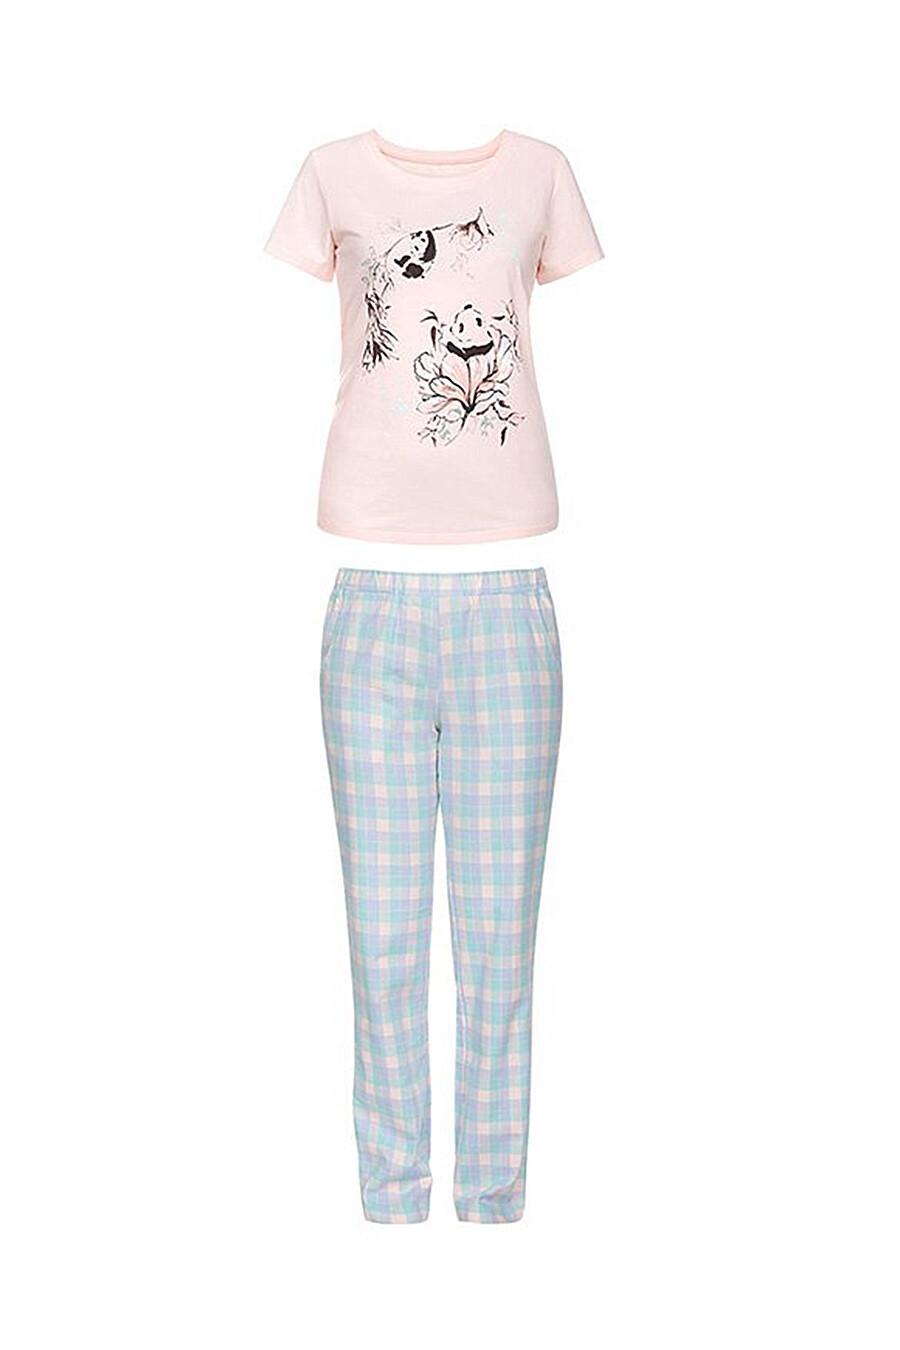 Пижама (Брюки+Футболка) #111442